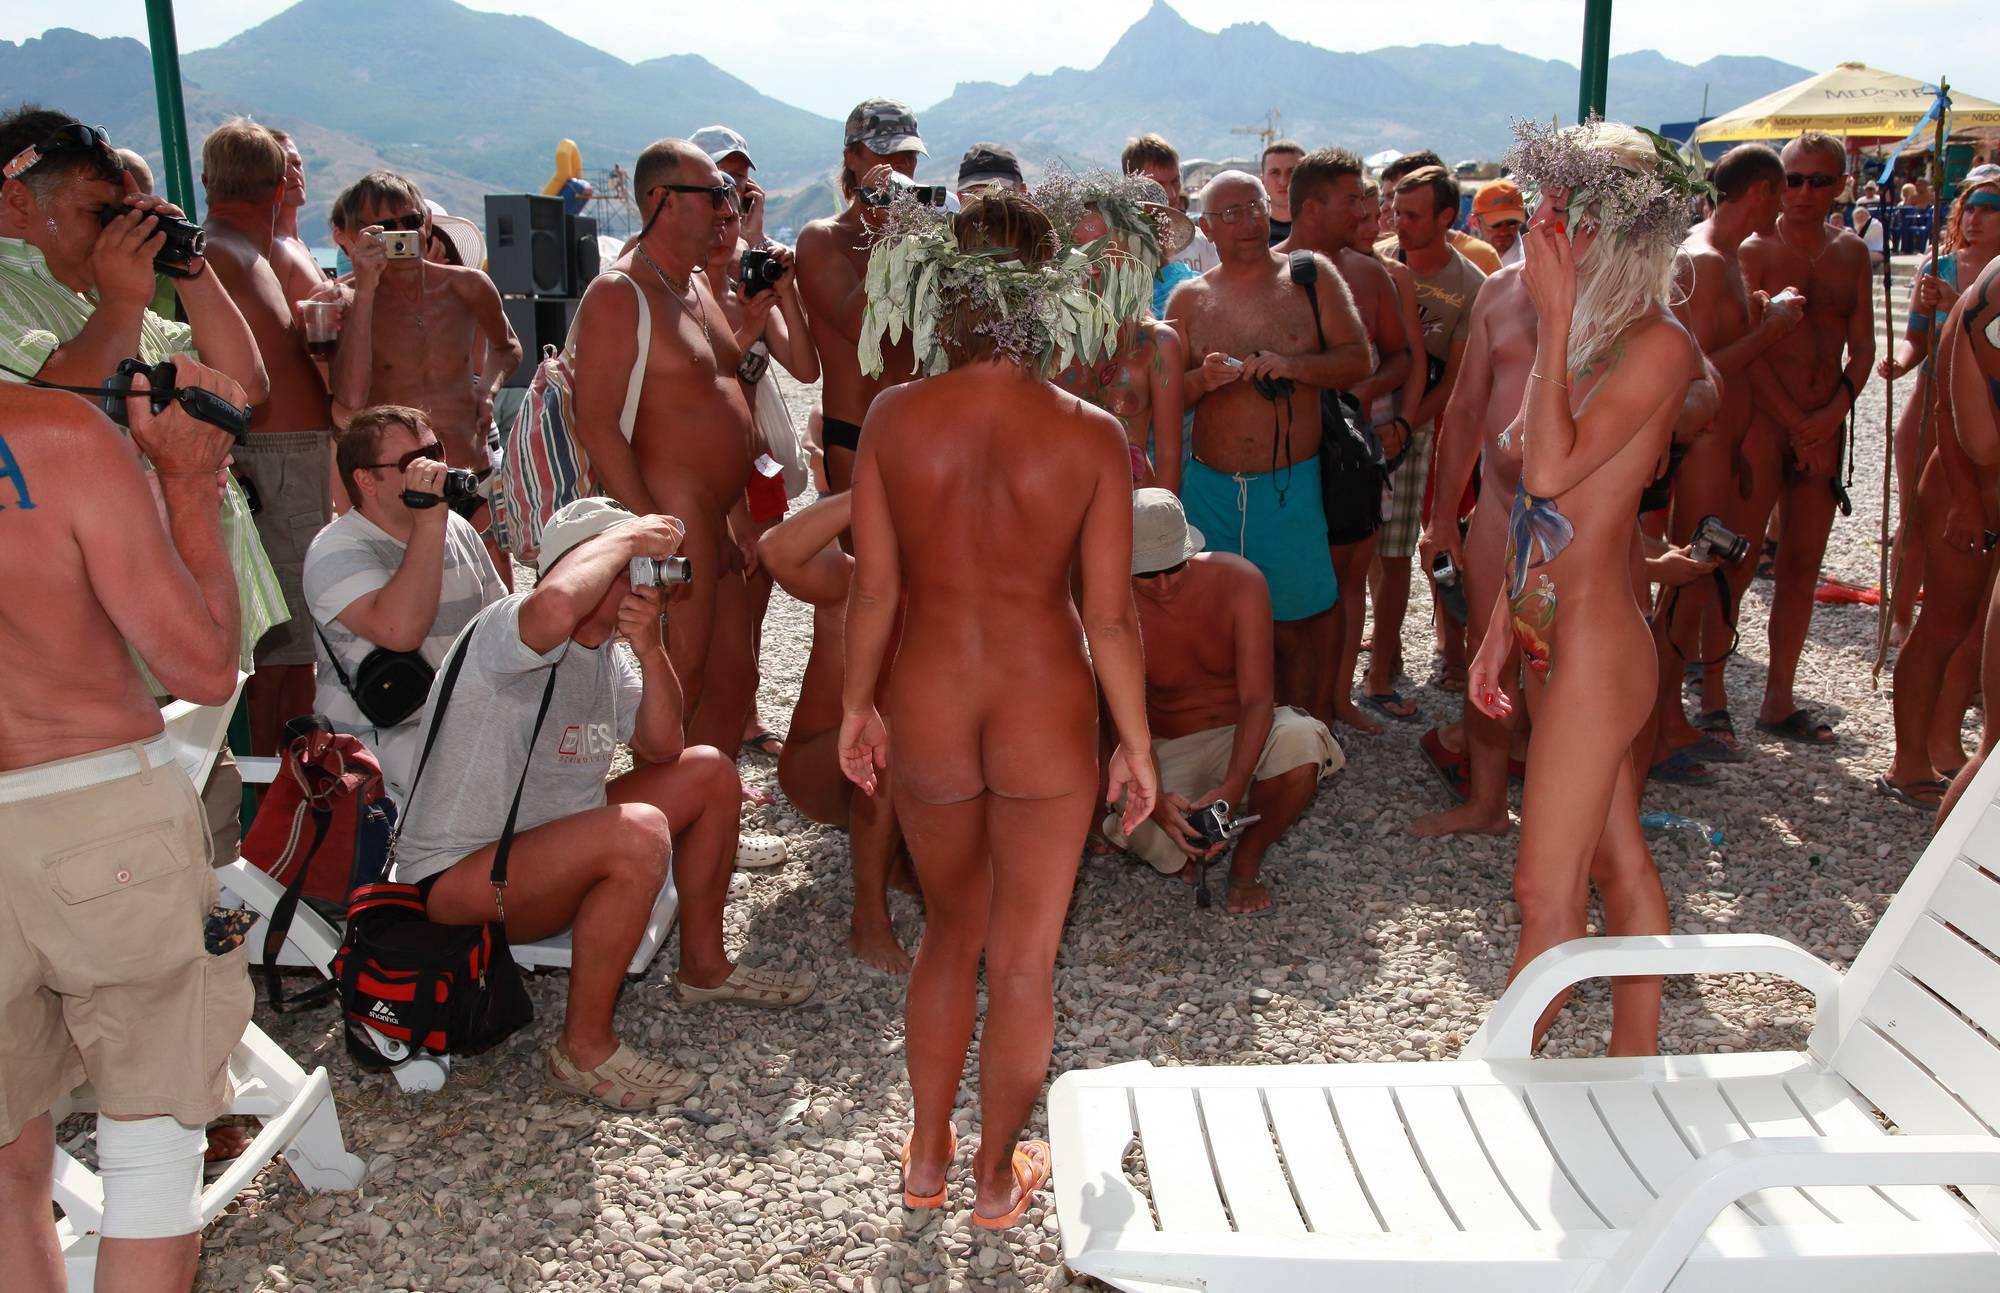 Purenudism Neptune Guests in the Hut - 1